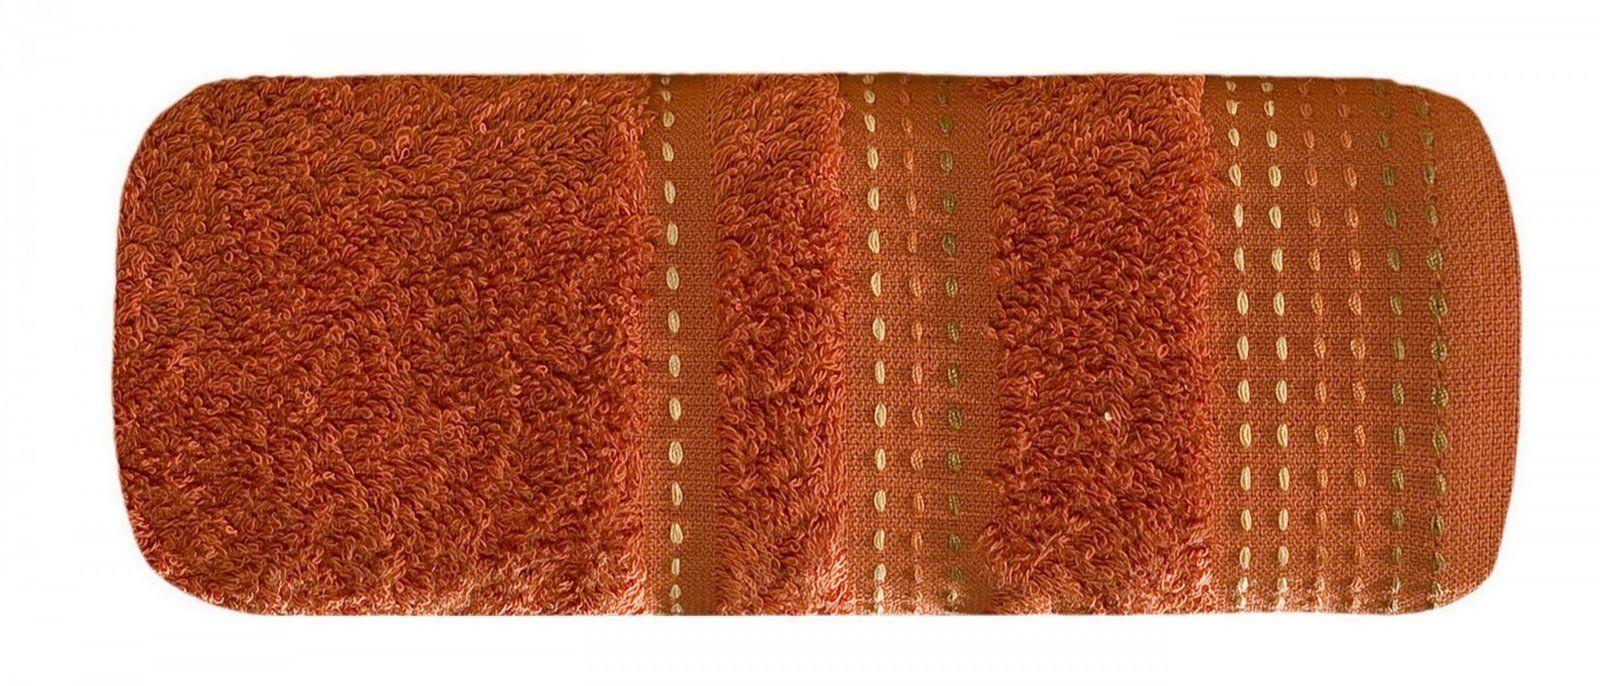 Ręcznik Kąpielowy Eurofirany Pola 04 500 g/m2 Pomarańczowy 50x90